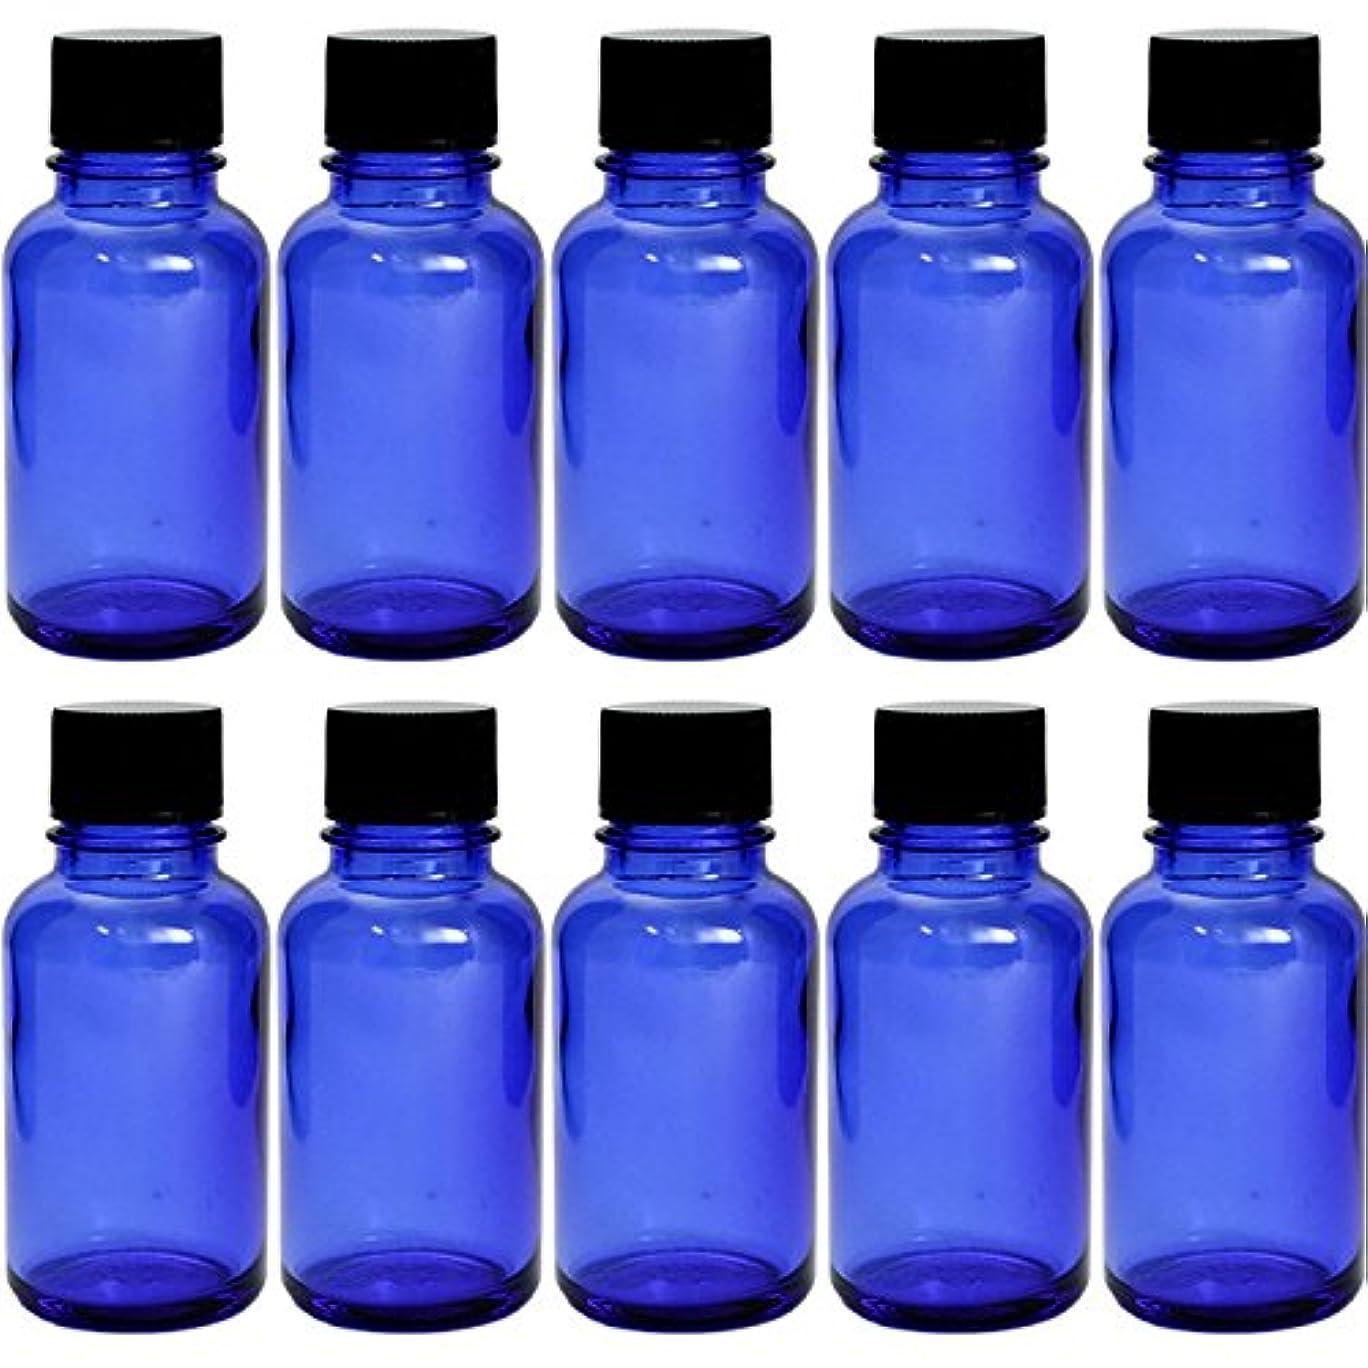 キウイパパコンパニオン遮光瓶 ブルー 30cc SYA-B30cc -10本セット- (黒CAP ドロップ栓付)